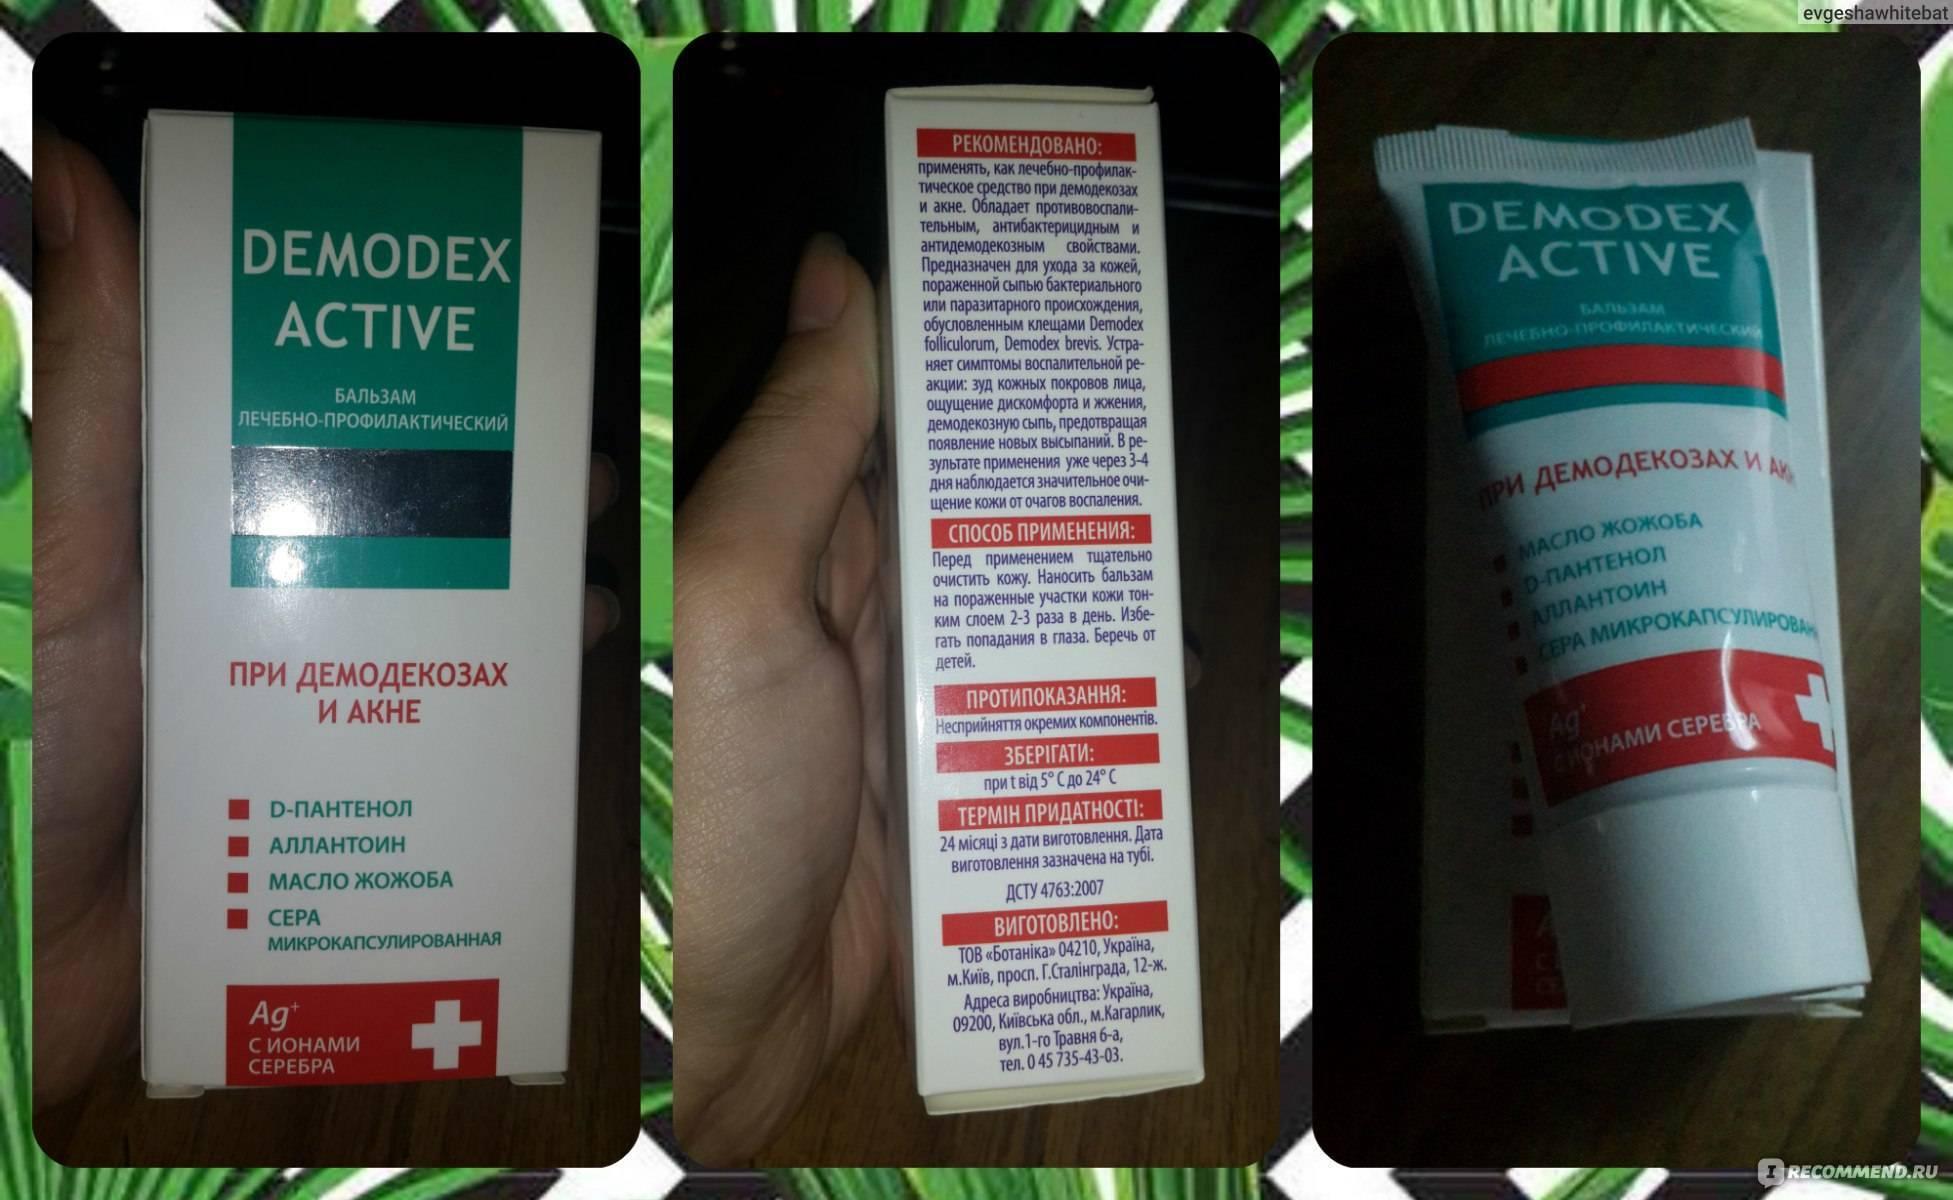 Мазь от демодекоза: аптечные средства и домашние составы